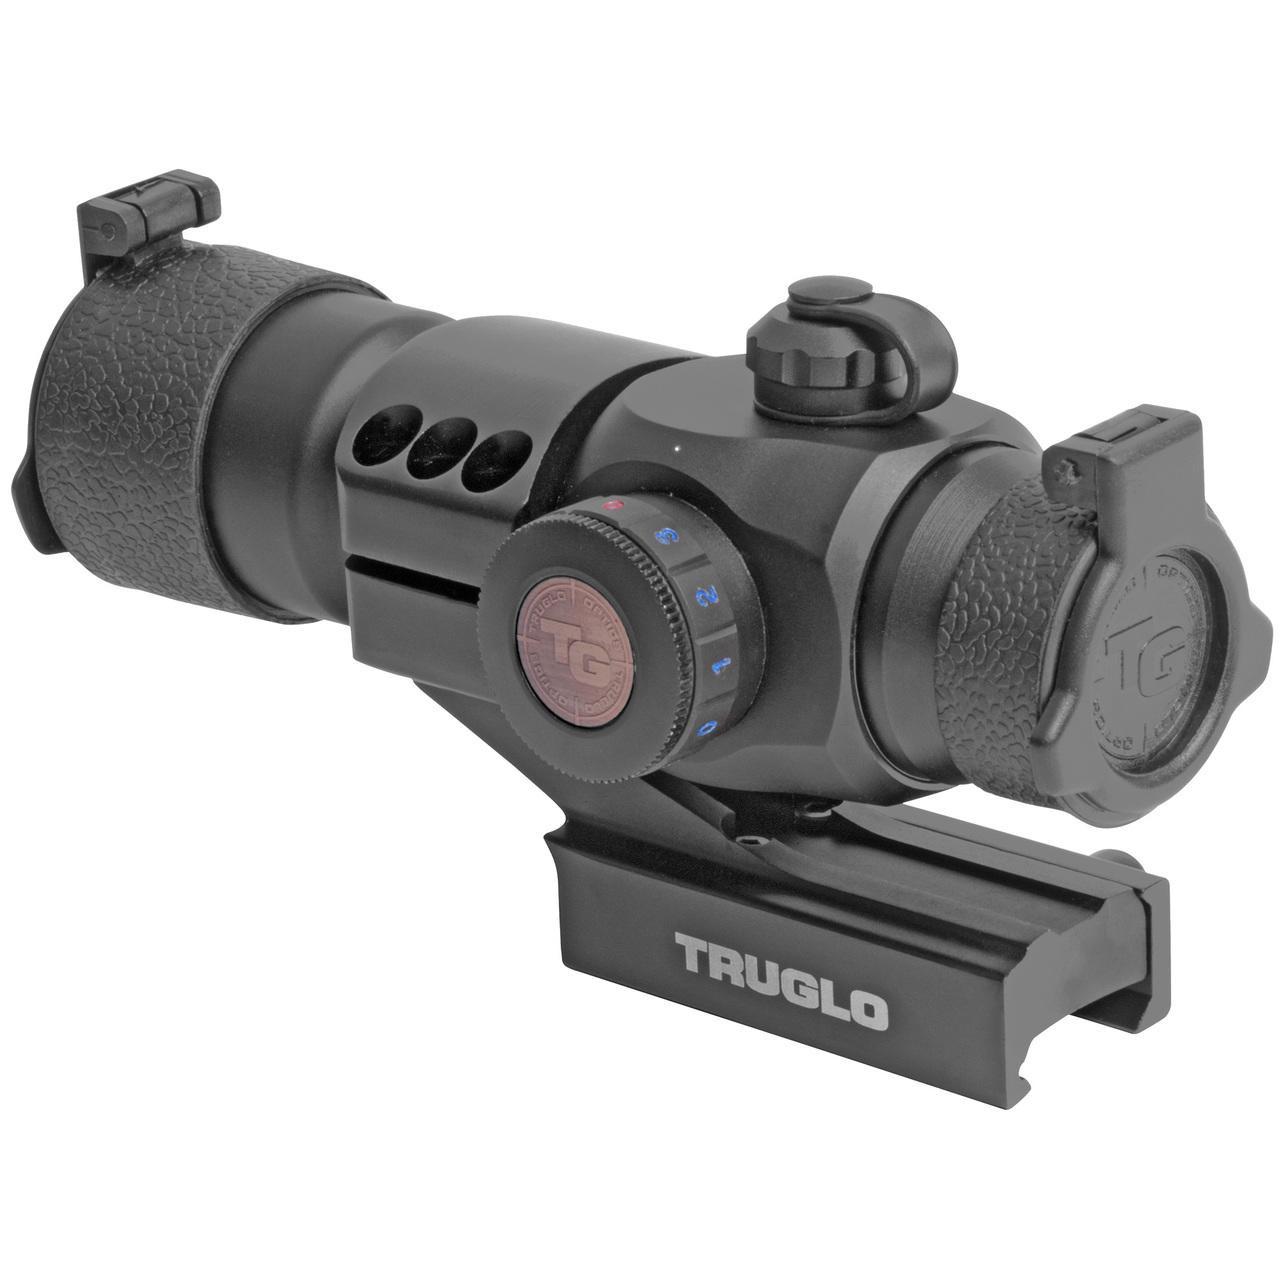 Truglo Truglo Red Dot 30mm 3clr Ar Black 788130019184